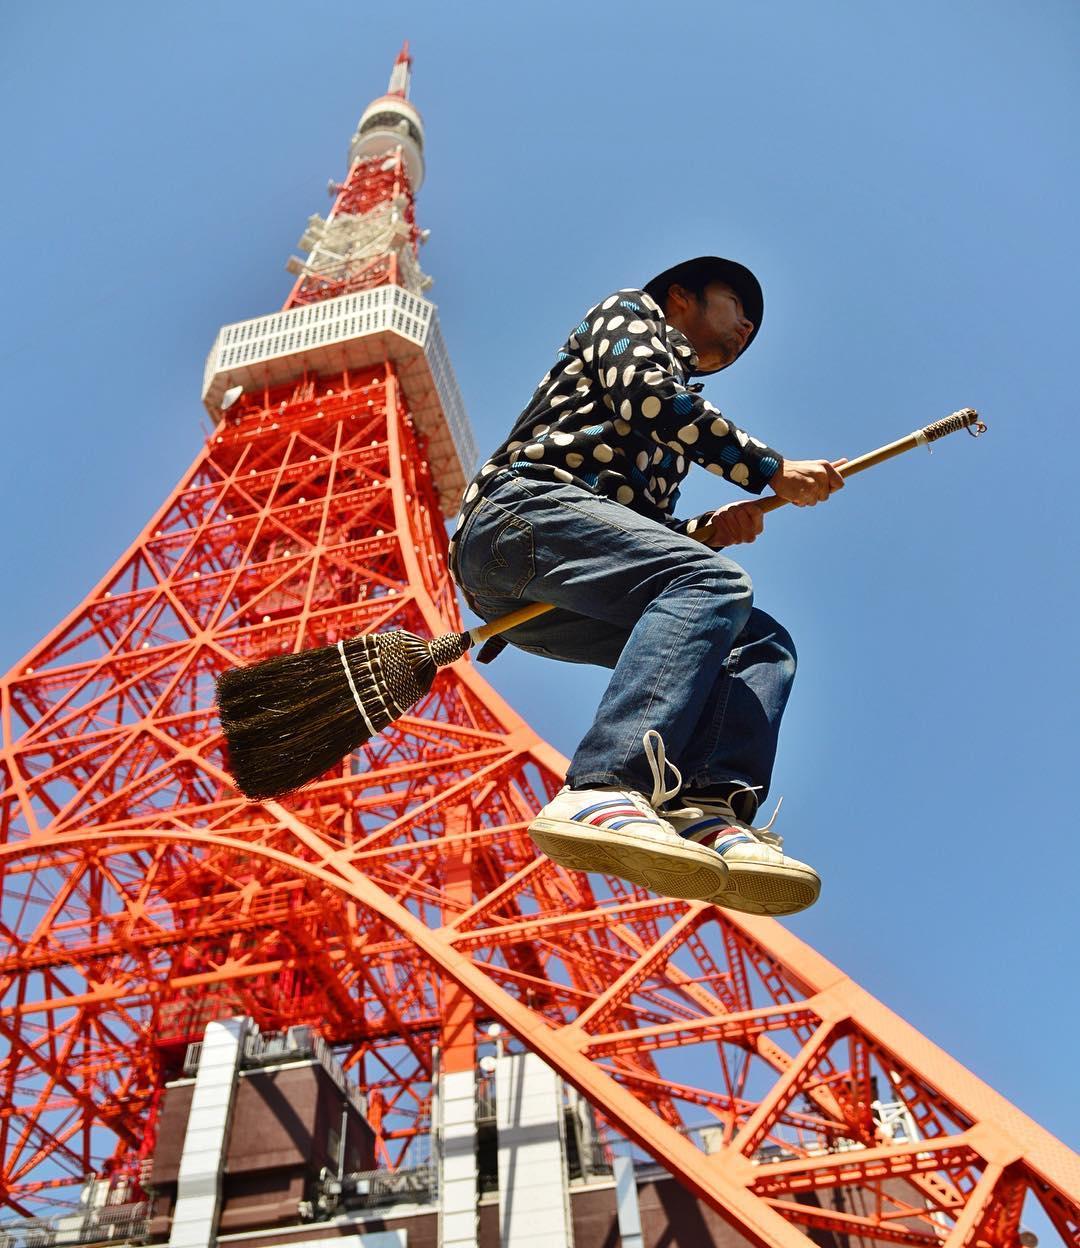 Chàng trai cưỡi chổi bay qua các công trình du lịch nổi tiếng ở Nhật Bản và thế giới. Trong ảnh là Tháp Tokyo. Ngọn tháp lấy cảm hứng từ tháp Eiffel song cao 333 m, hơn Eiffel 9 m. Để thực hiện bộ ảnh, Halno bắt khoảnh khắc khi anh nhảy lên, hai chân kẹp chắc chổi giống như đang bay. Trong ảnh là hàng nghìn cánh cổng tại đền Fushimi Inari-taisha, một điểm du lịch nổi tiếng tại Kyoto, Nhật Bản. Đây từng là bối cảnh cho bộ phim Hồi ức của một geisha.